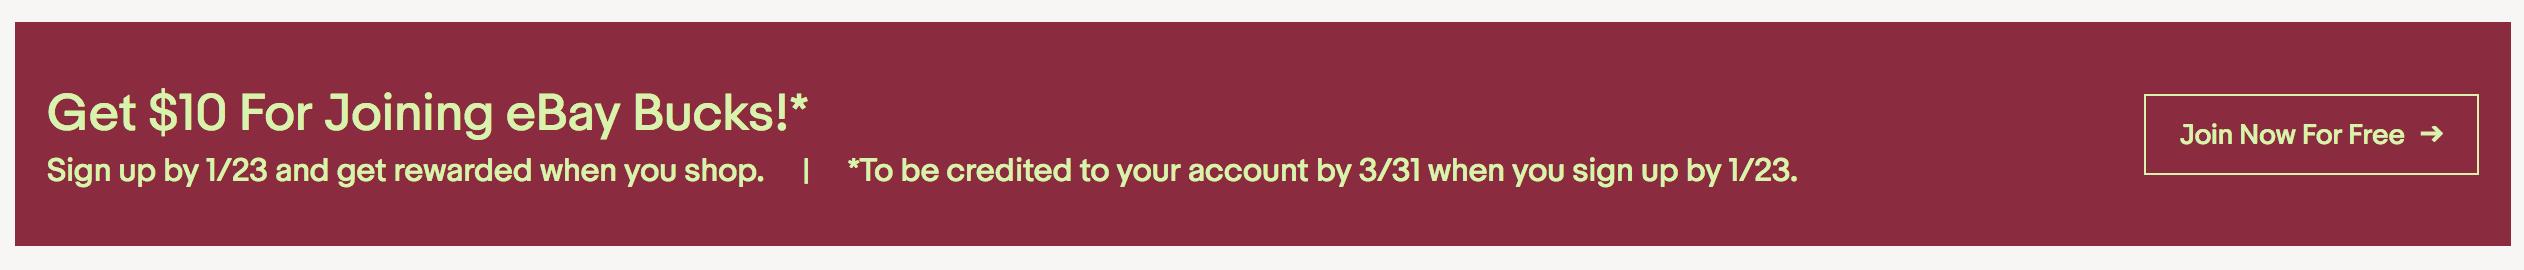 Earn $10 by joining Ebay Bucks by 1/23!